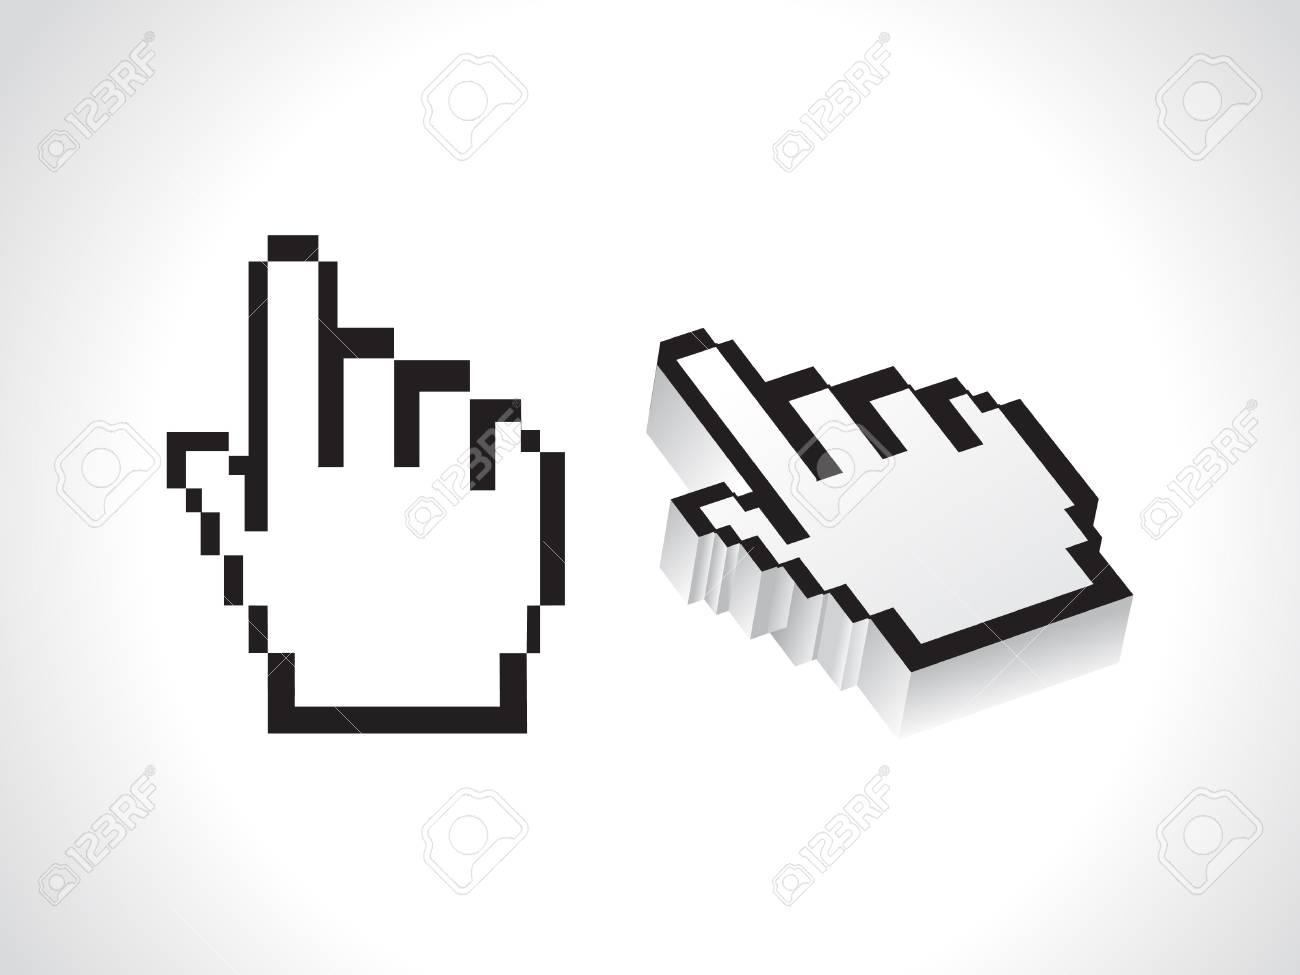 abstract hand cursor vector illustration Stock Illustration - 11587577